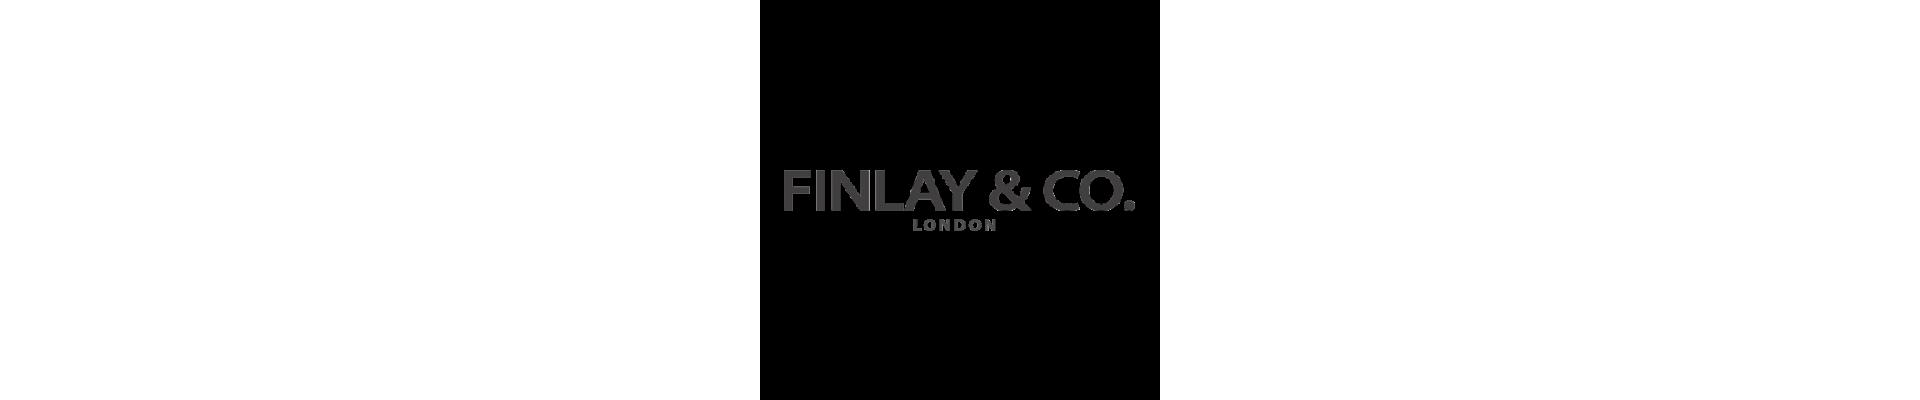 Finlay & Co